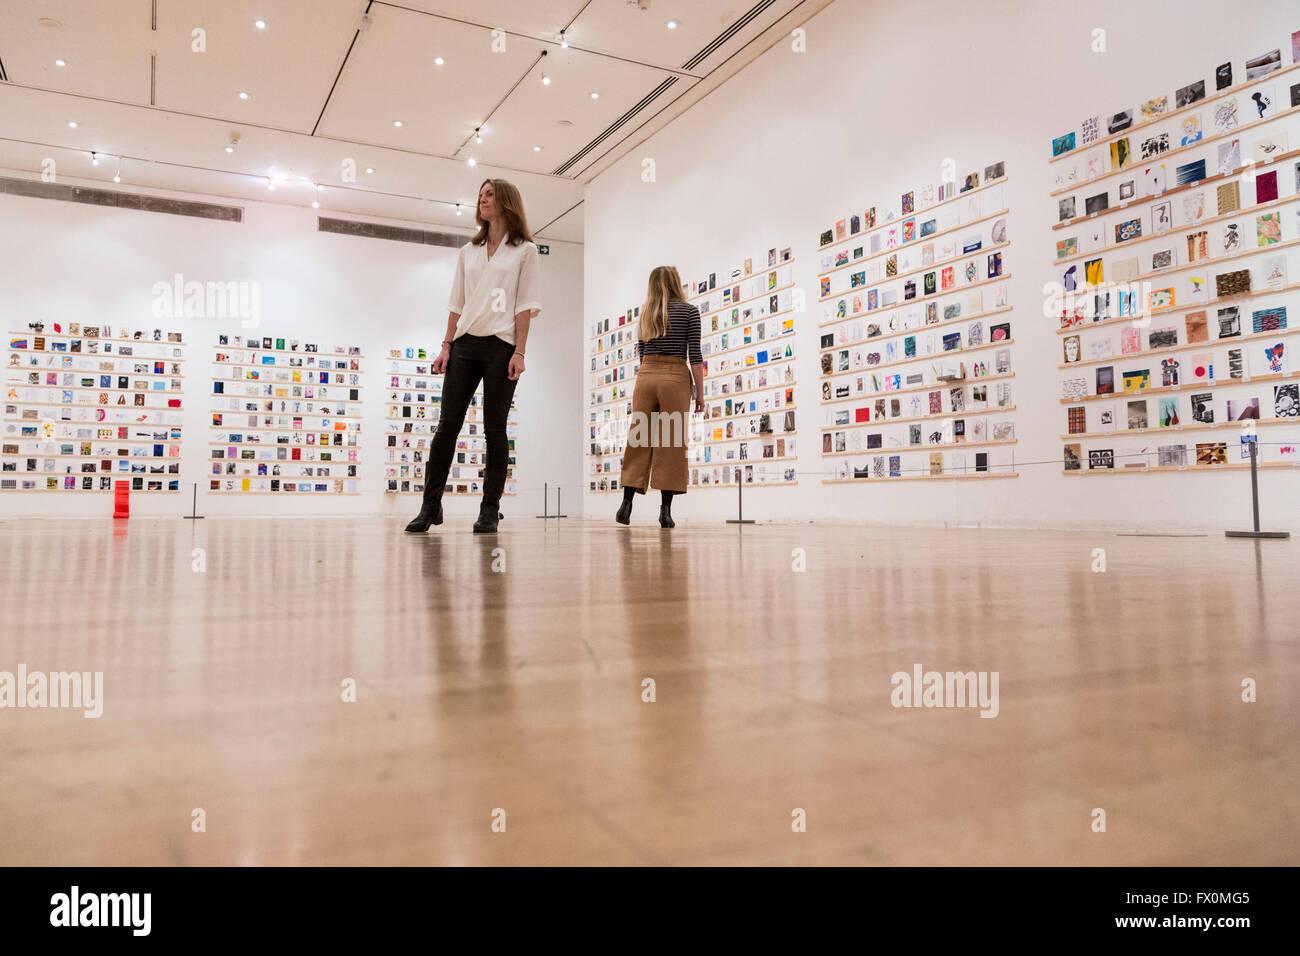 Londres, Reino Unido. El 8 de abril de 2016. El Royal College of Art (RCA) revela las obras de arte por una multitud Foto de stock